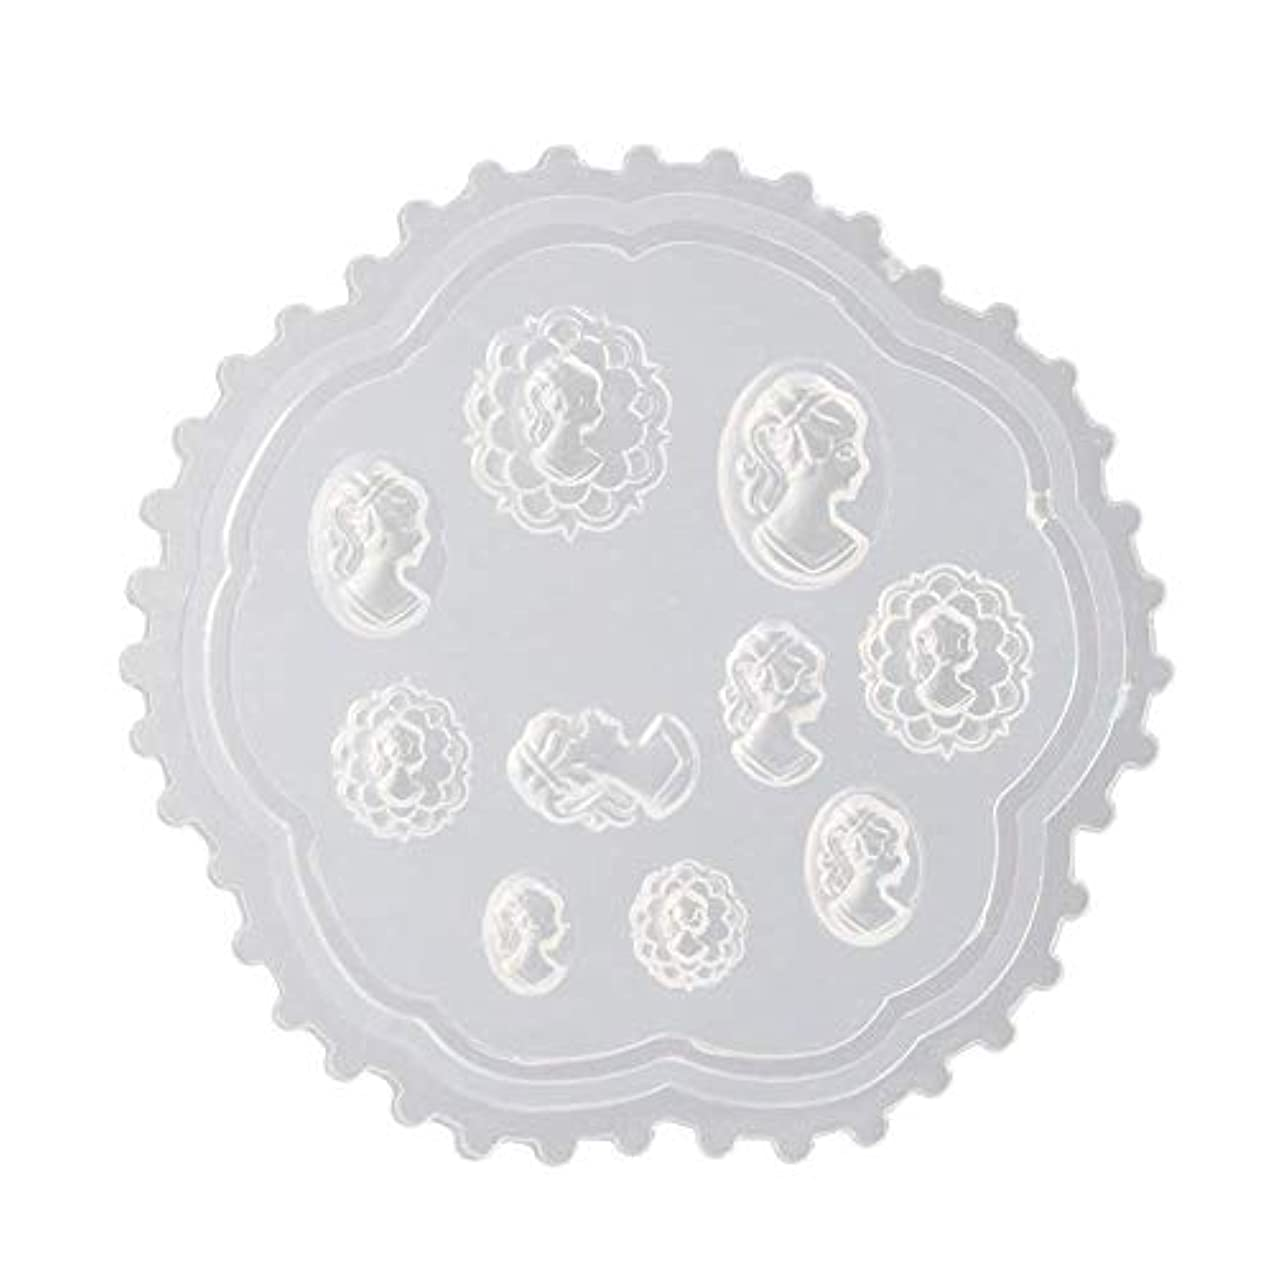 理容師銀行雪だるまgundoop 3Dシリコンモールド ネイル 葉 花 抜き型 3Dネイル用 レジンモールド UVレジン ネイルパーツ ジェル ネイル セット アクセサリー パーツ 作成 (2)